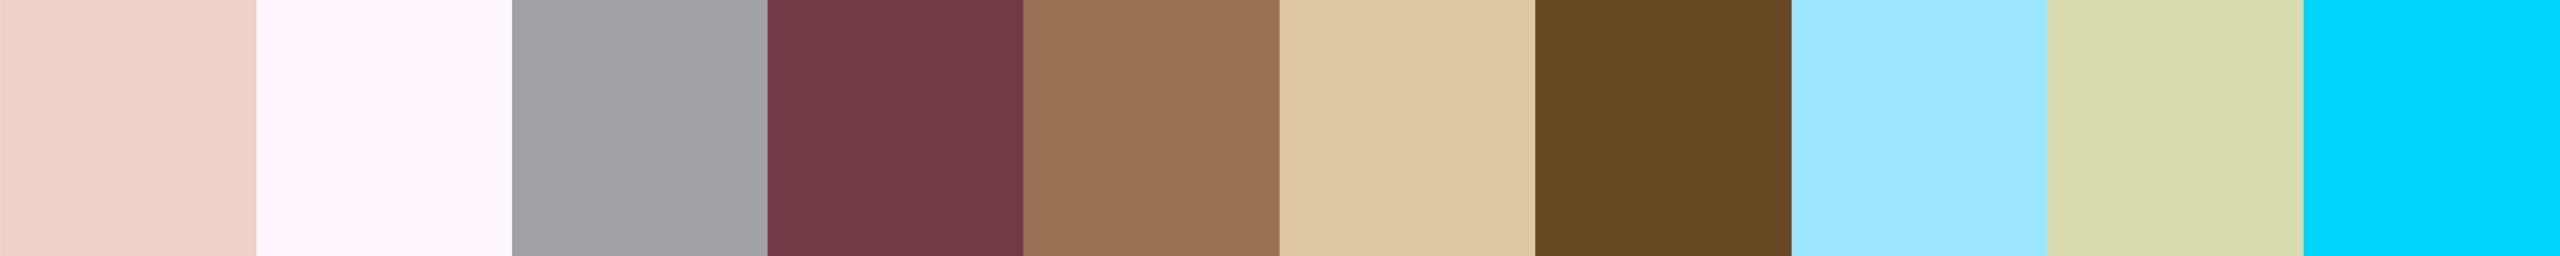 259 Socxinia Color Palette